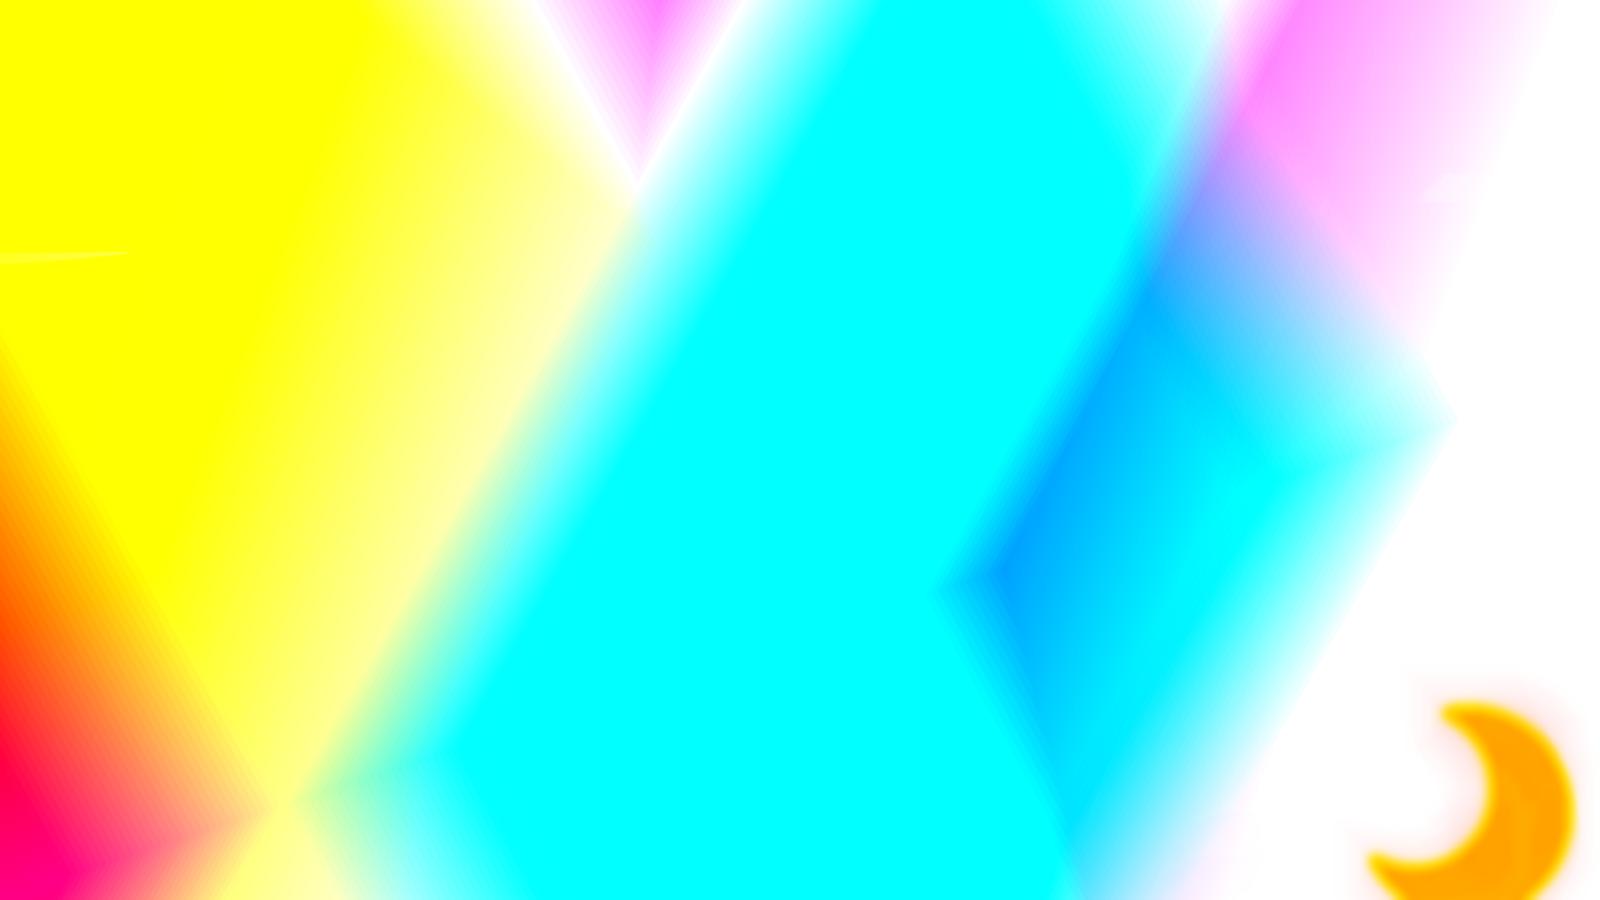 Bright Colored Wallpaper